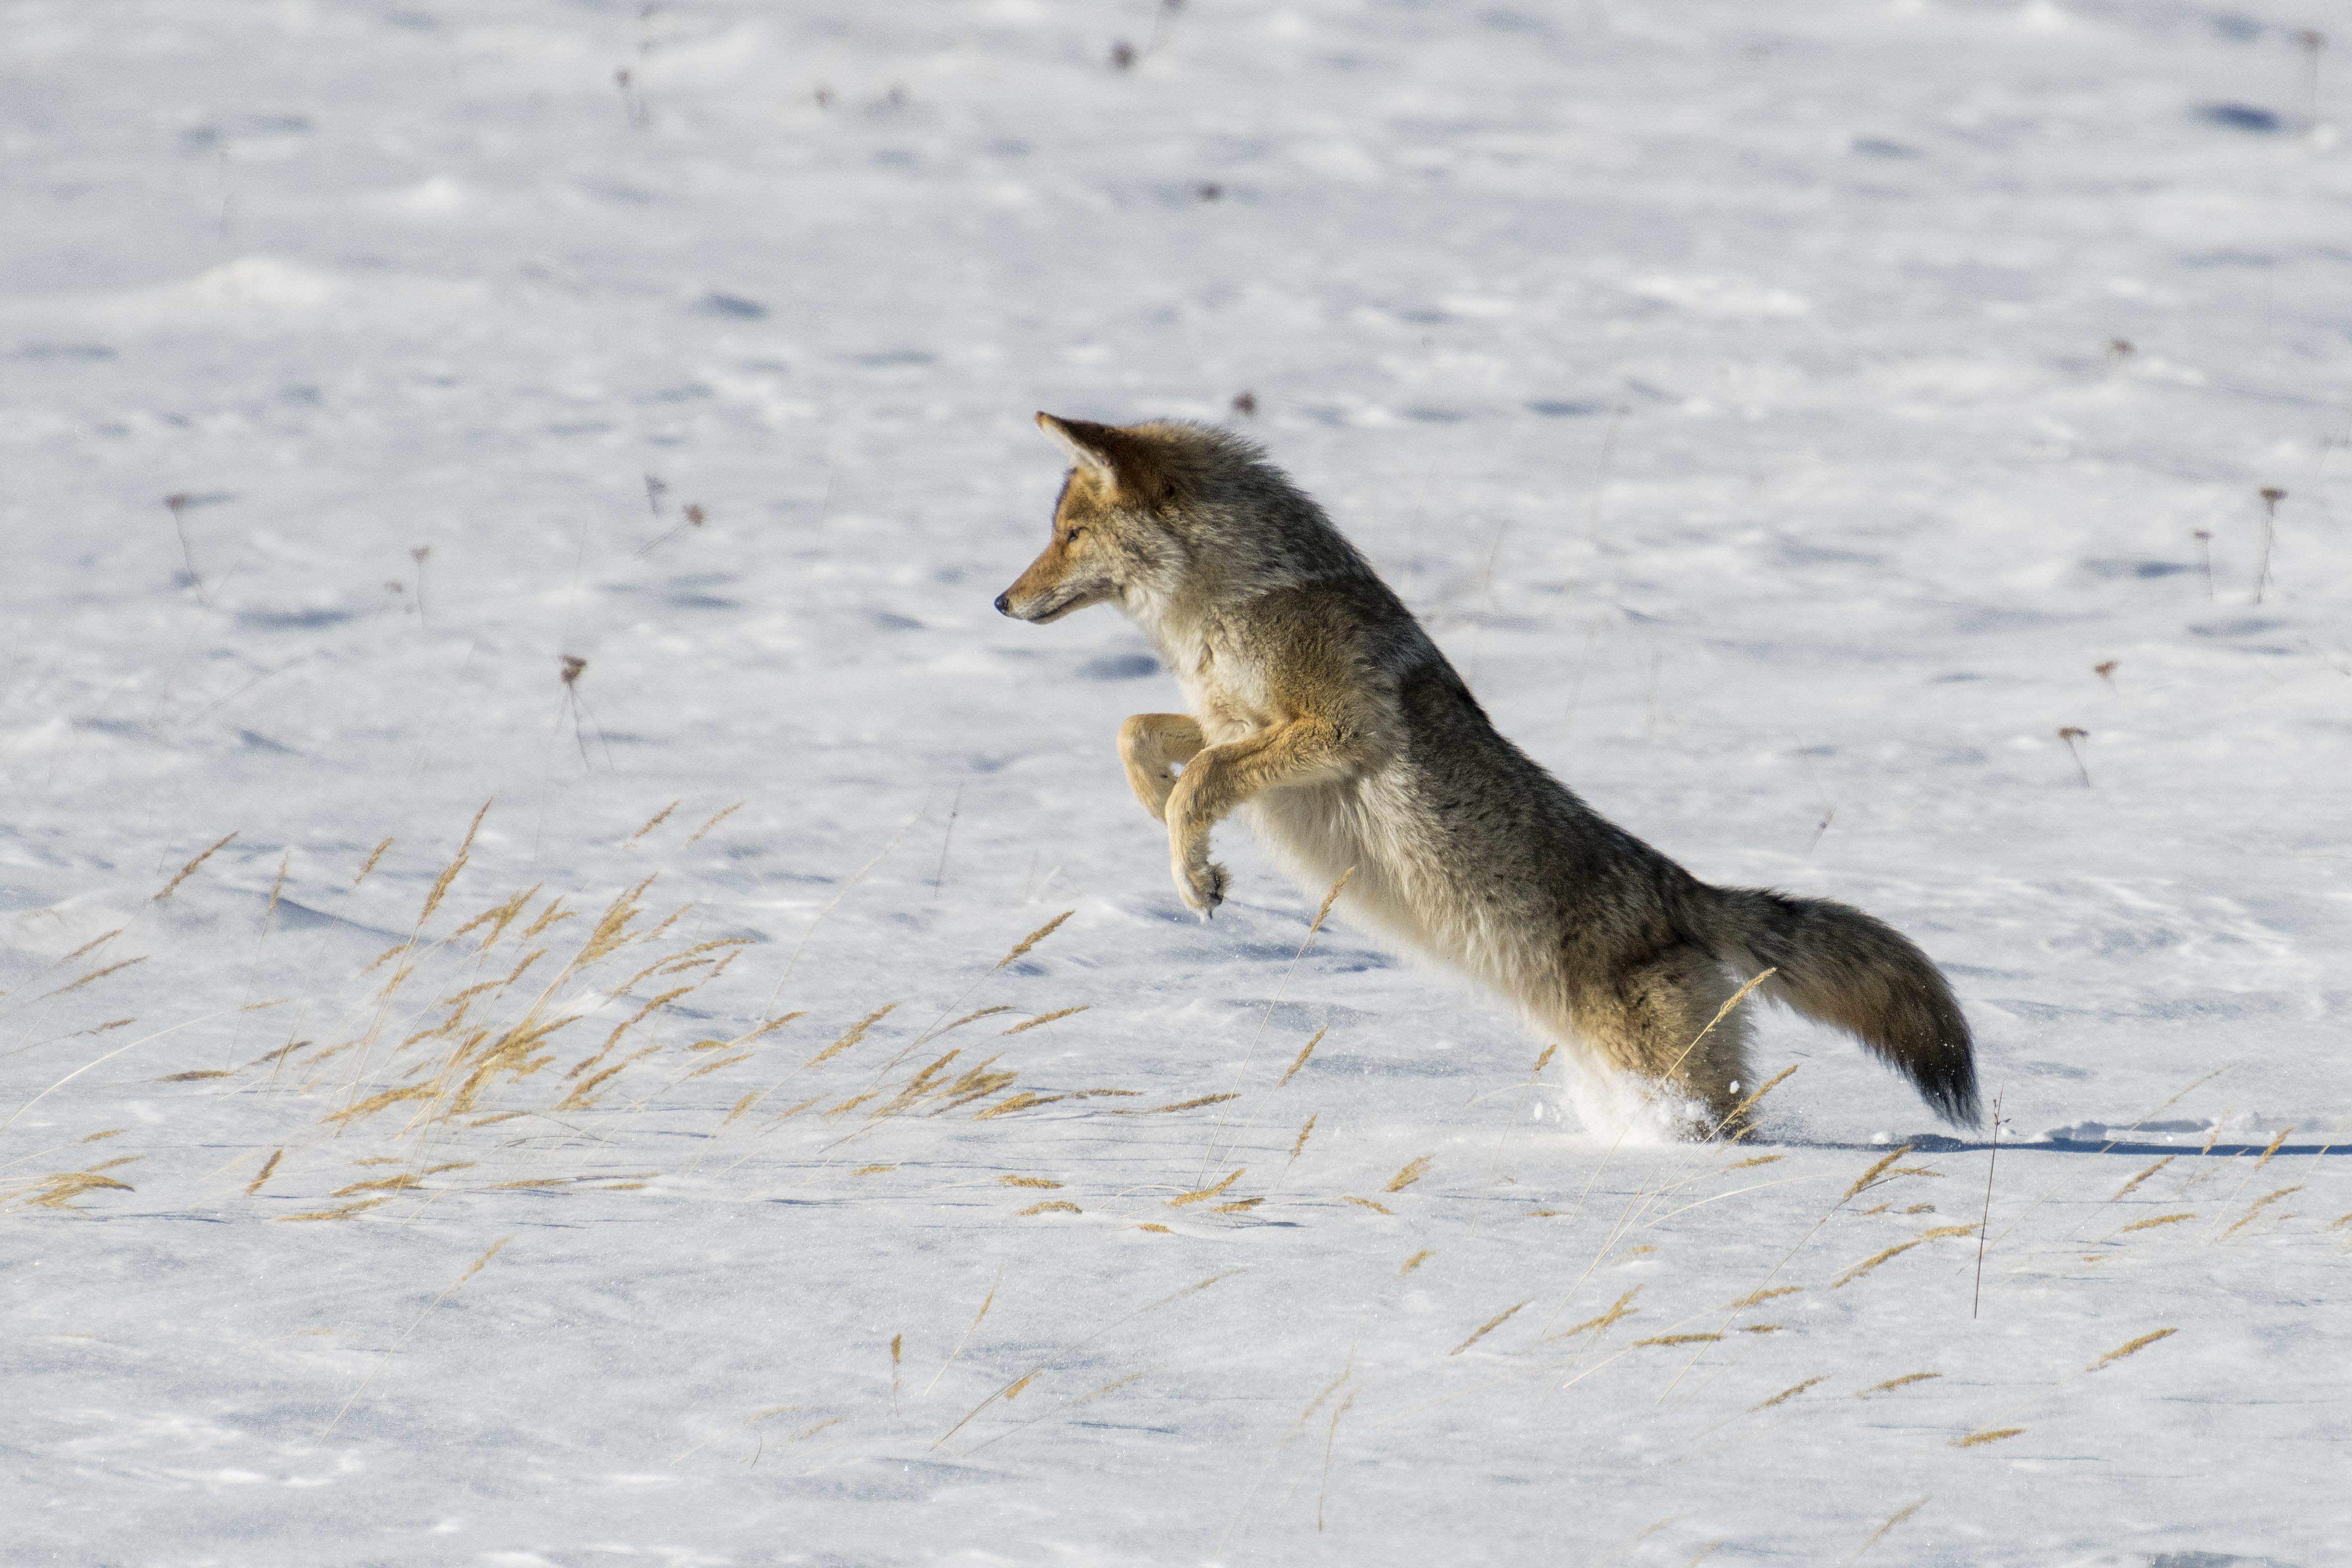 96313 скачать обои Животные, Койот, Прыжок, Охота, Снег, Хищник, Дикая Природа - заставки и картинки бесплатно